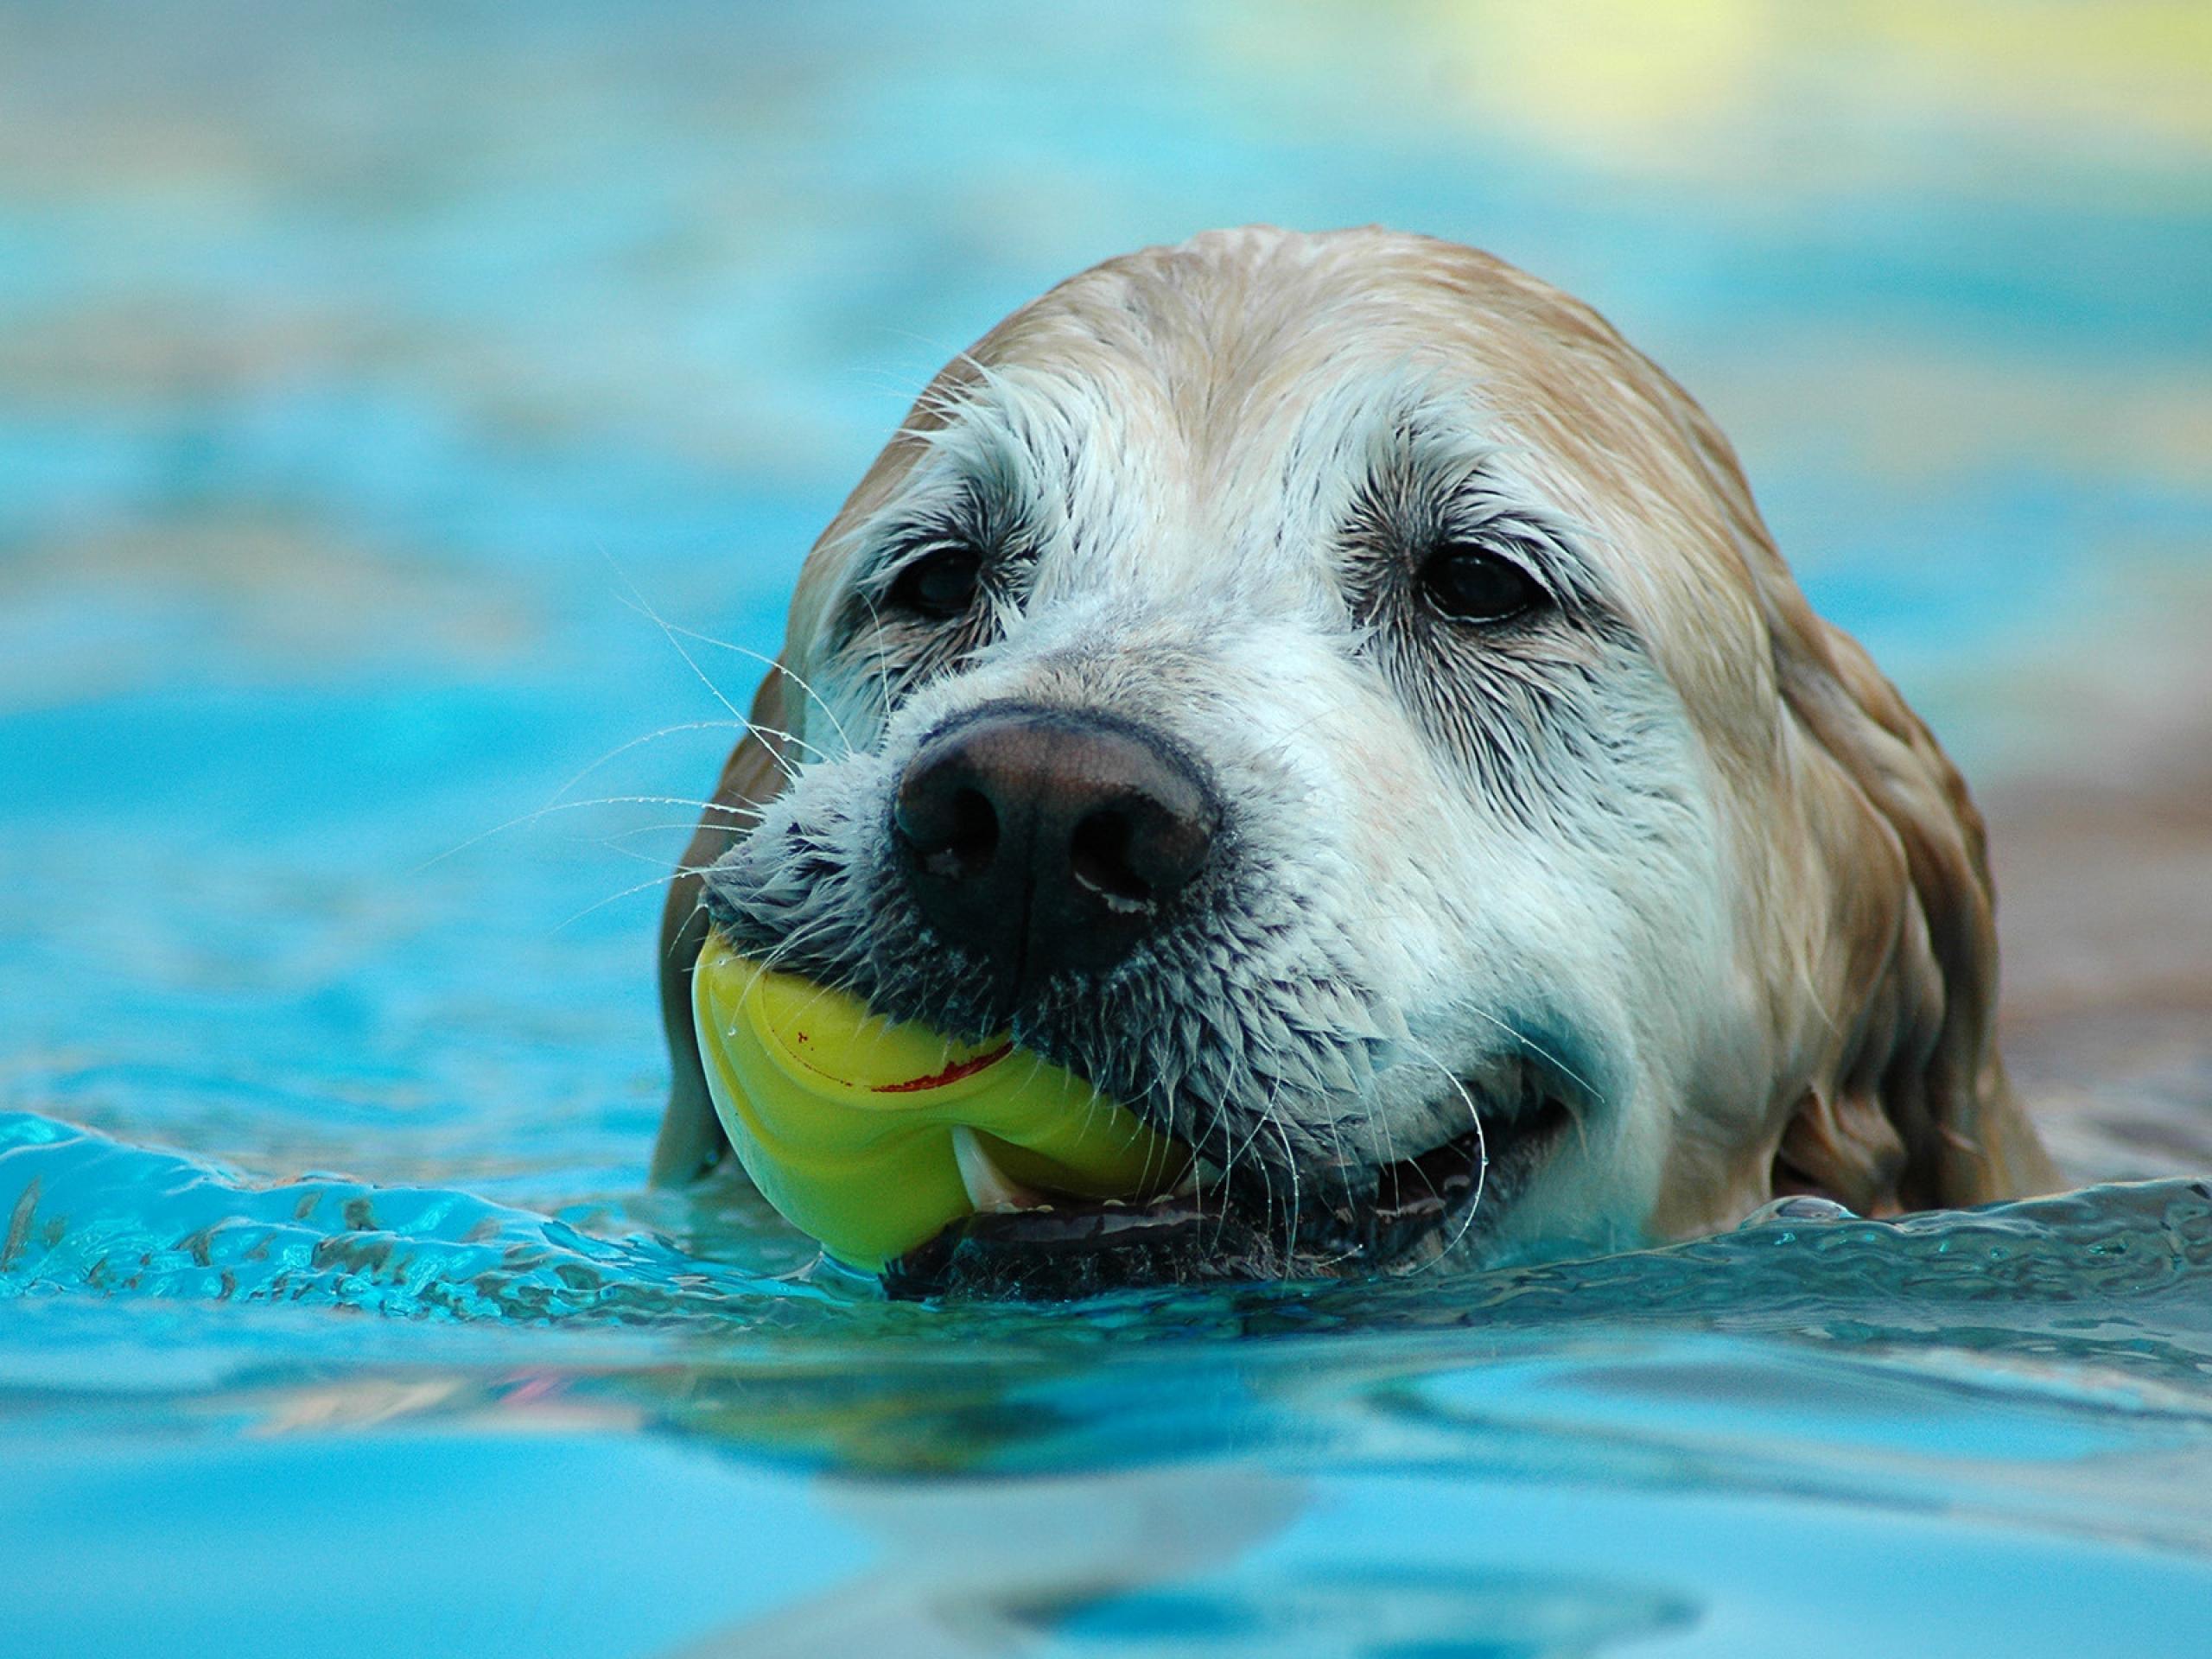 dog photos download